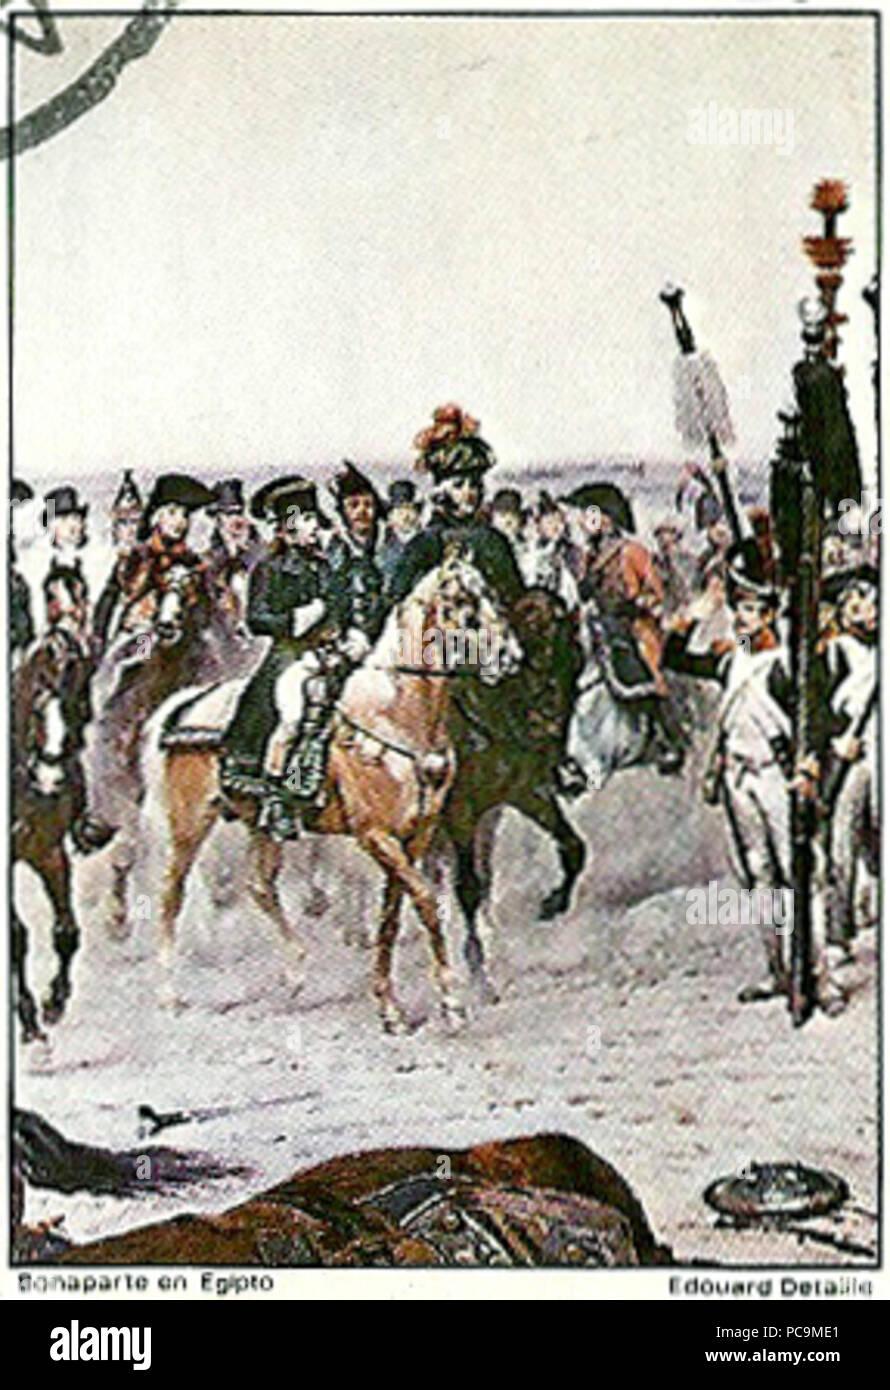 15 Bonaparte en Egipto - Stock Image